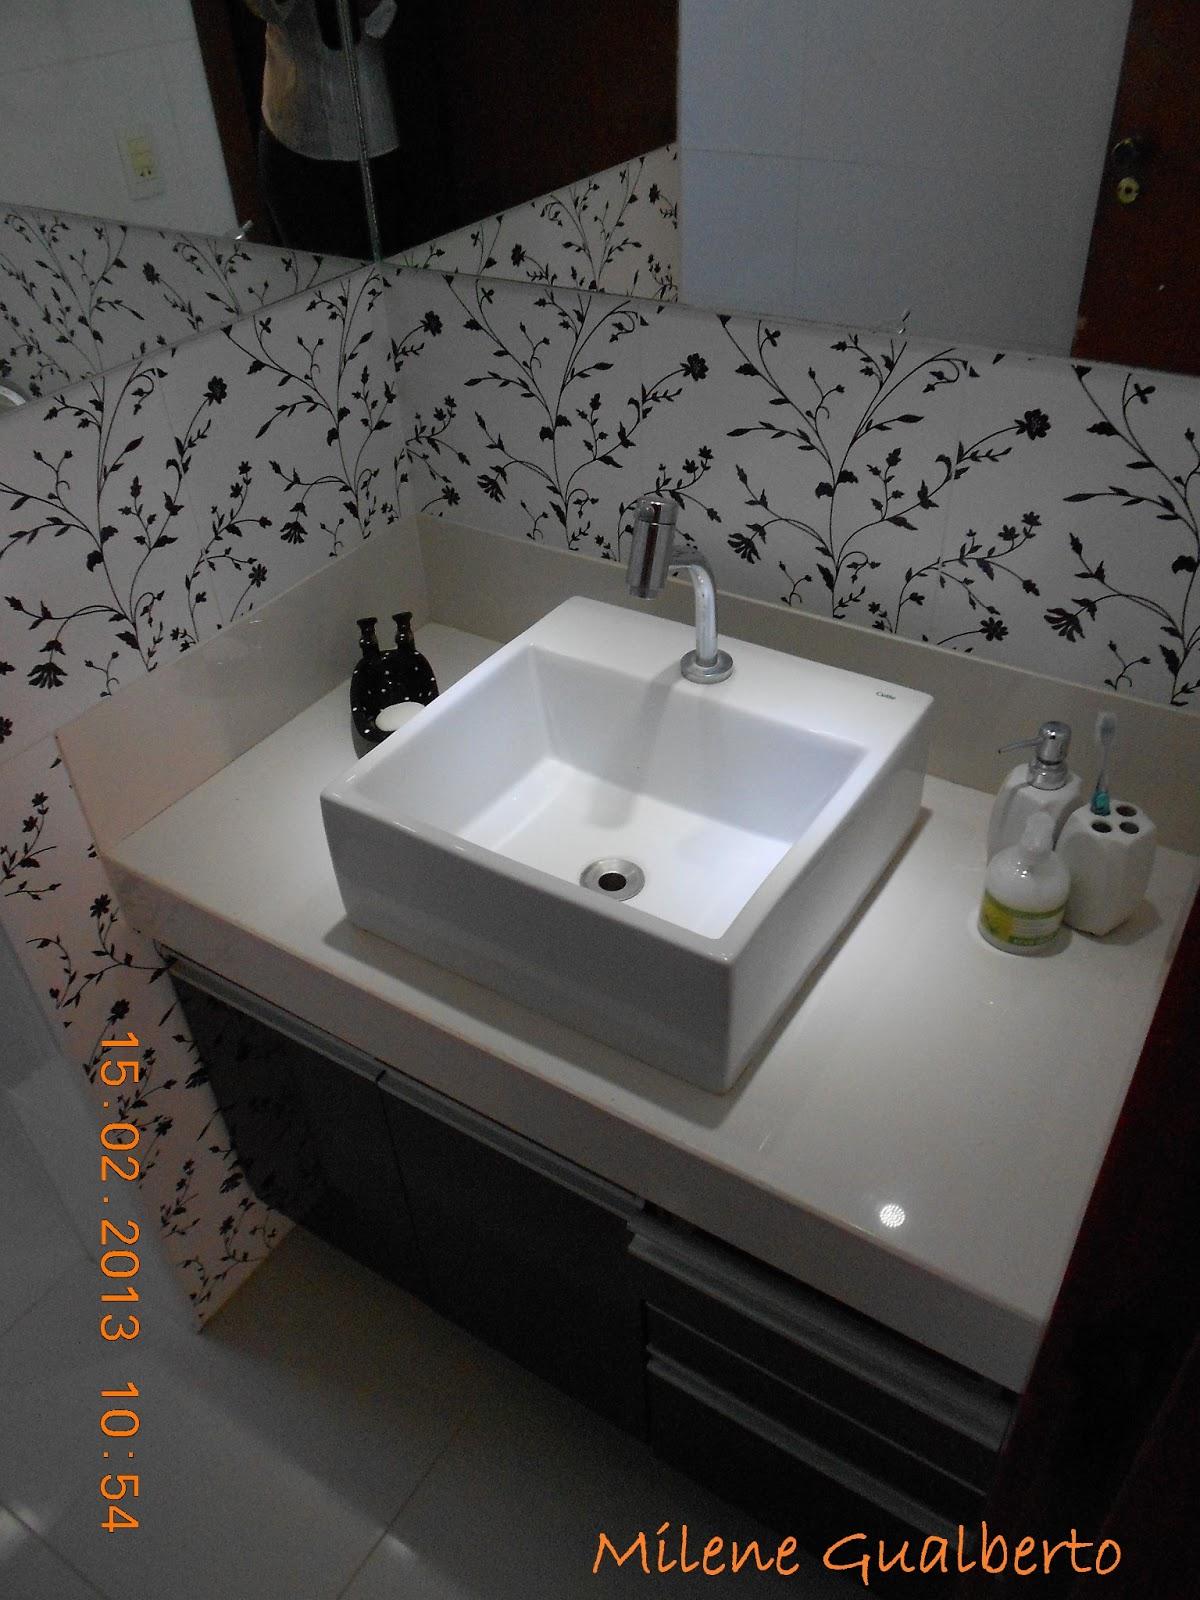 Projetos Residenciais Banheiro Porcelanato Decorado Preto e Branco #AB5B20 1200x1600 Banheiro Bancada Porcelanato